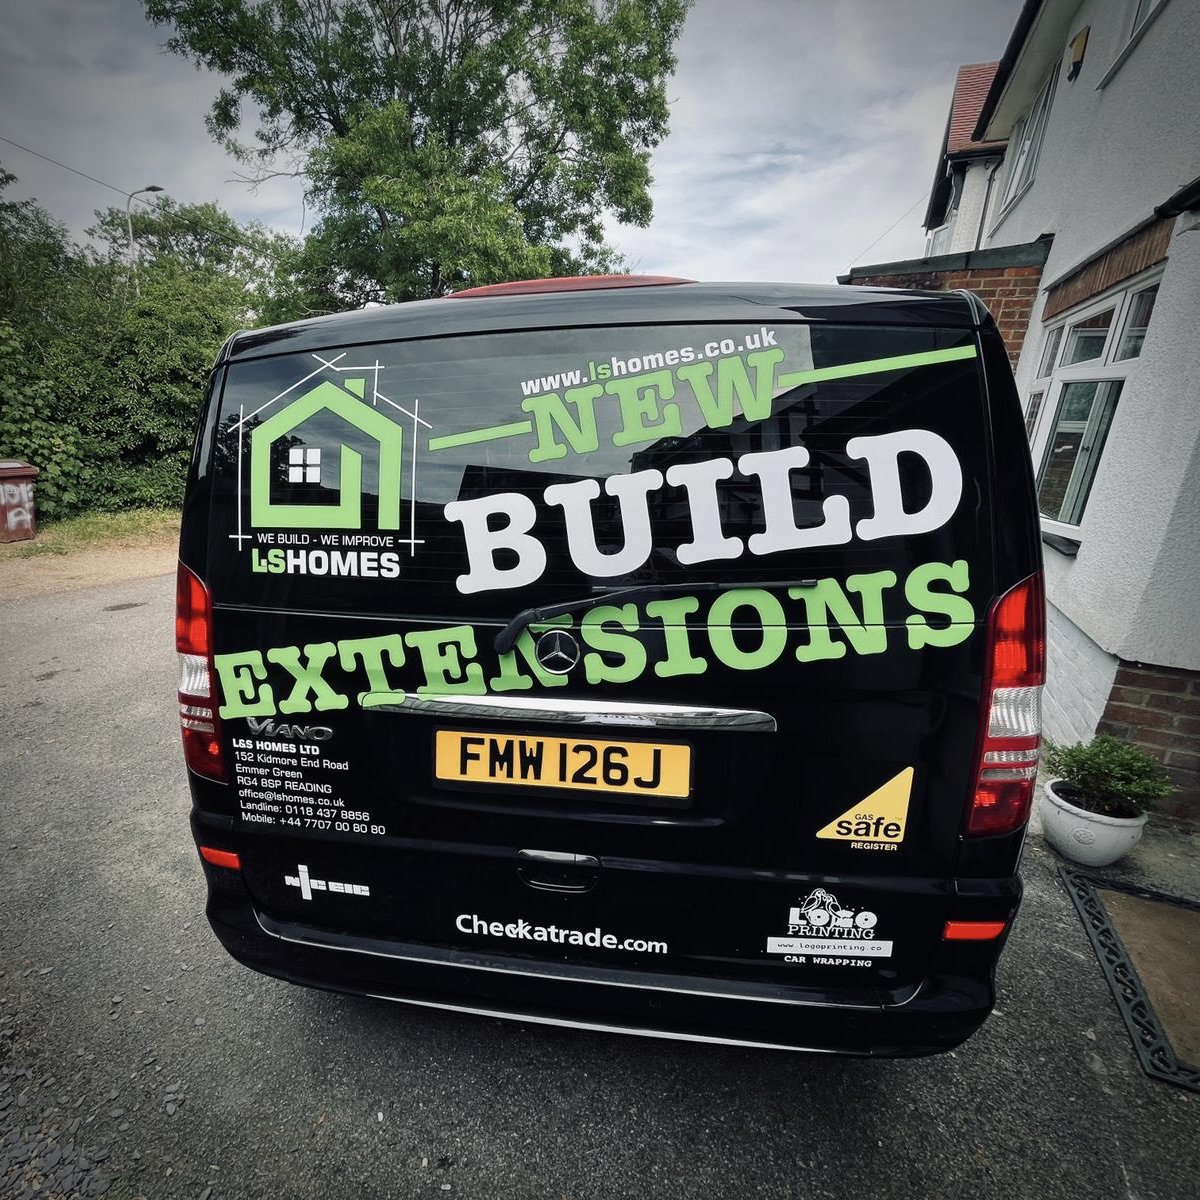 Reklama na samochodzie UK